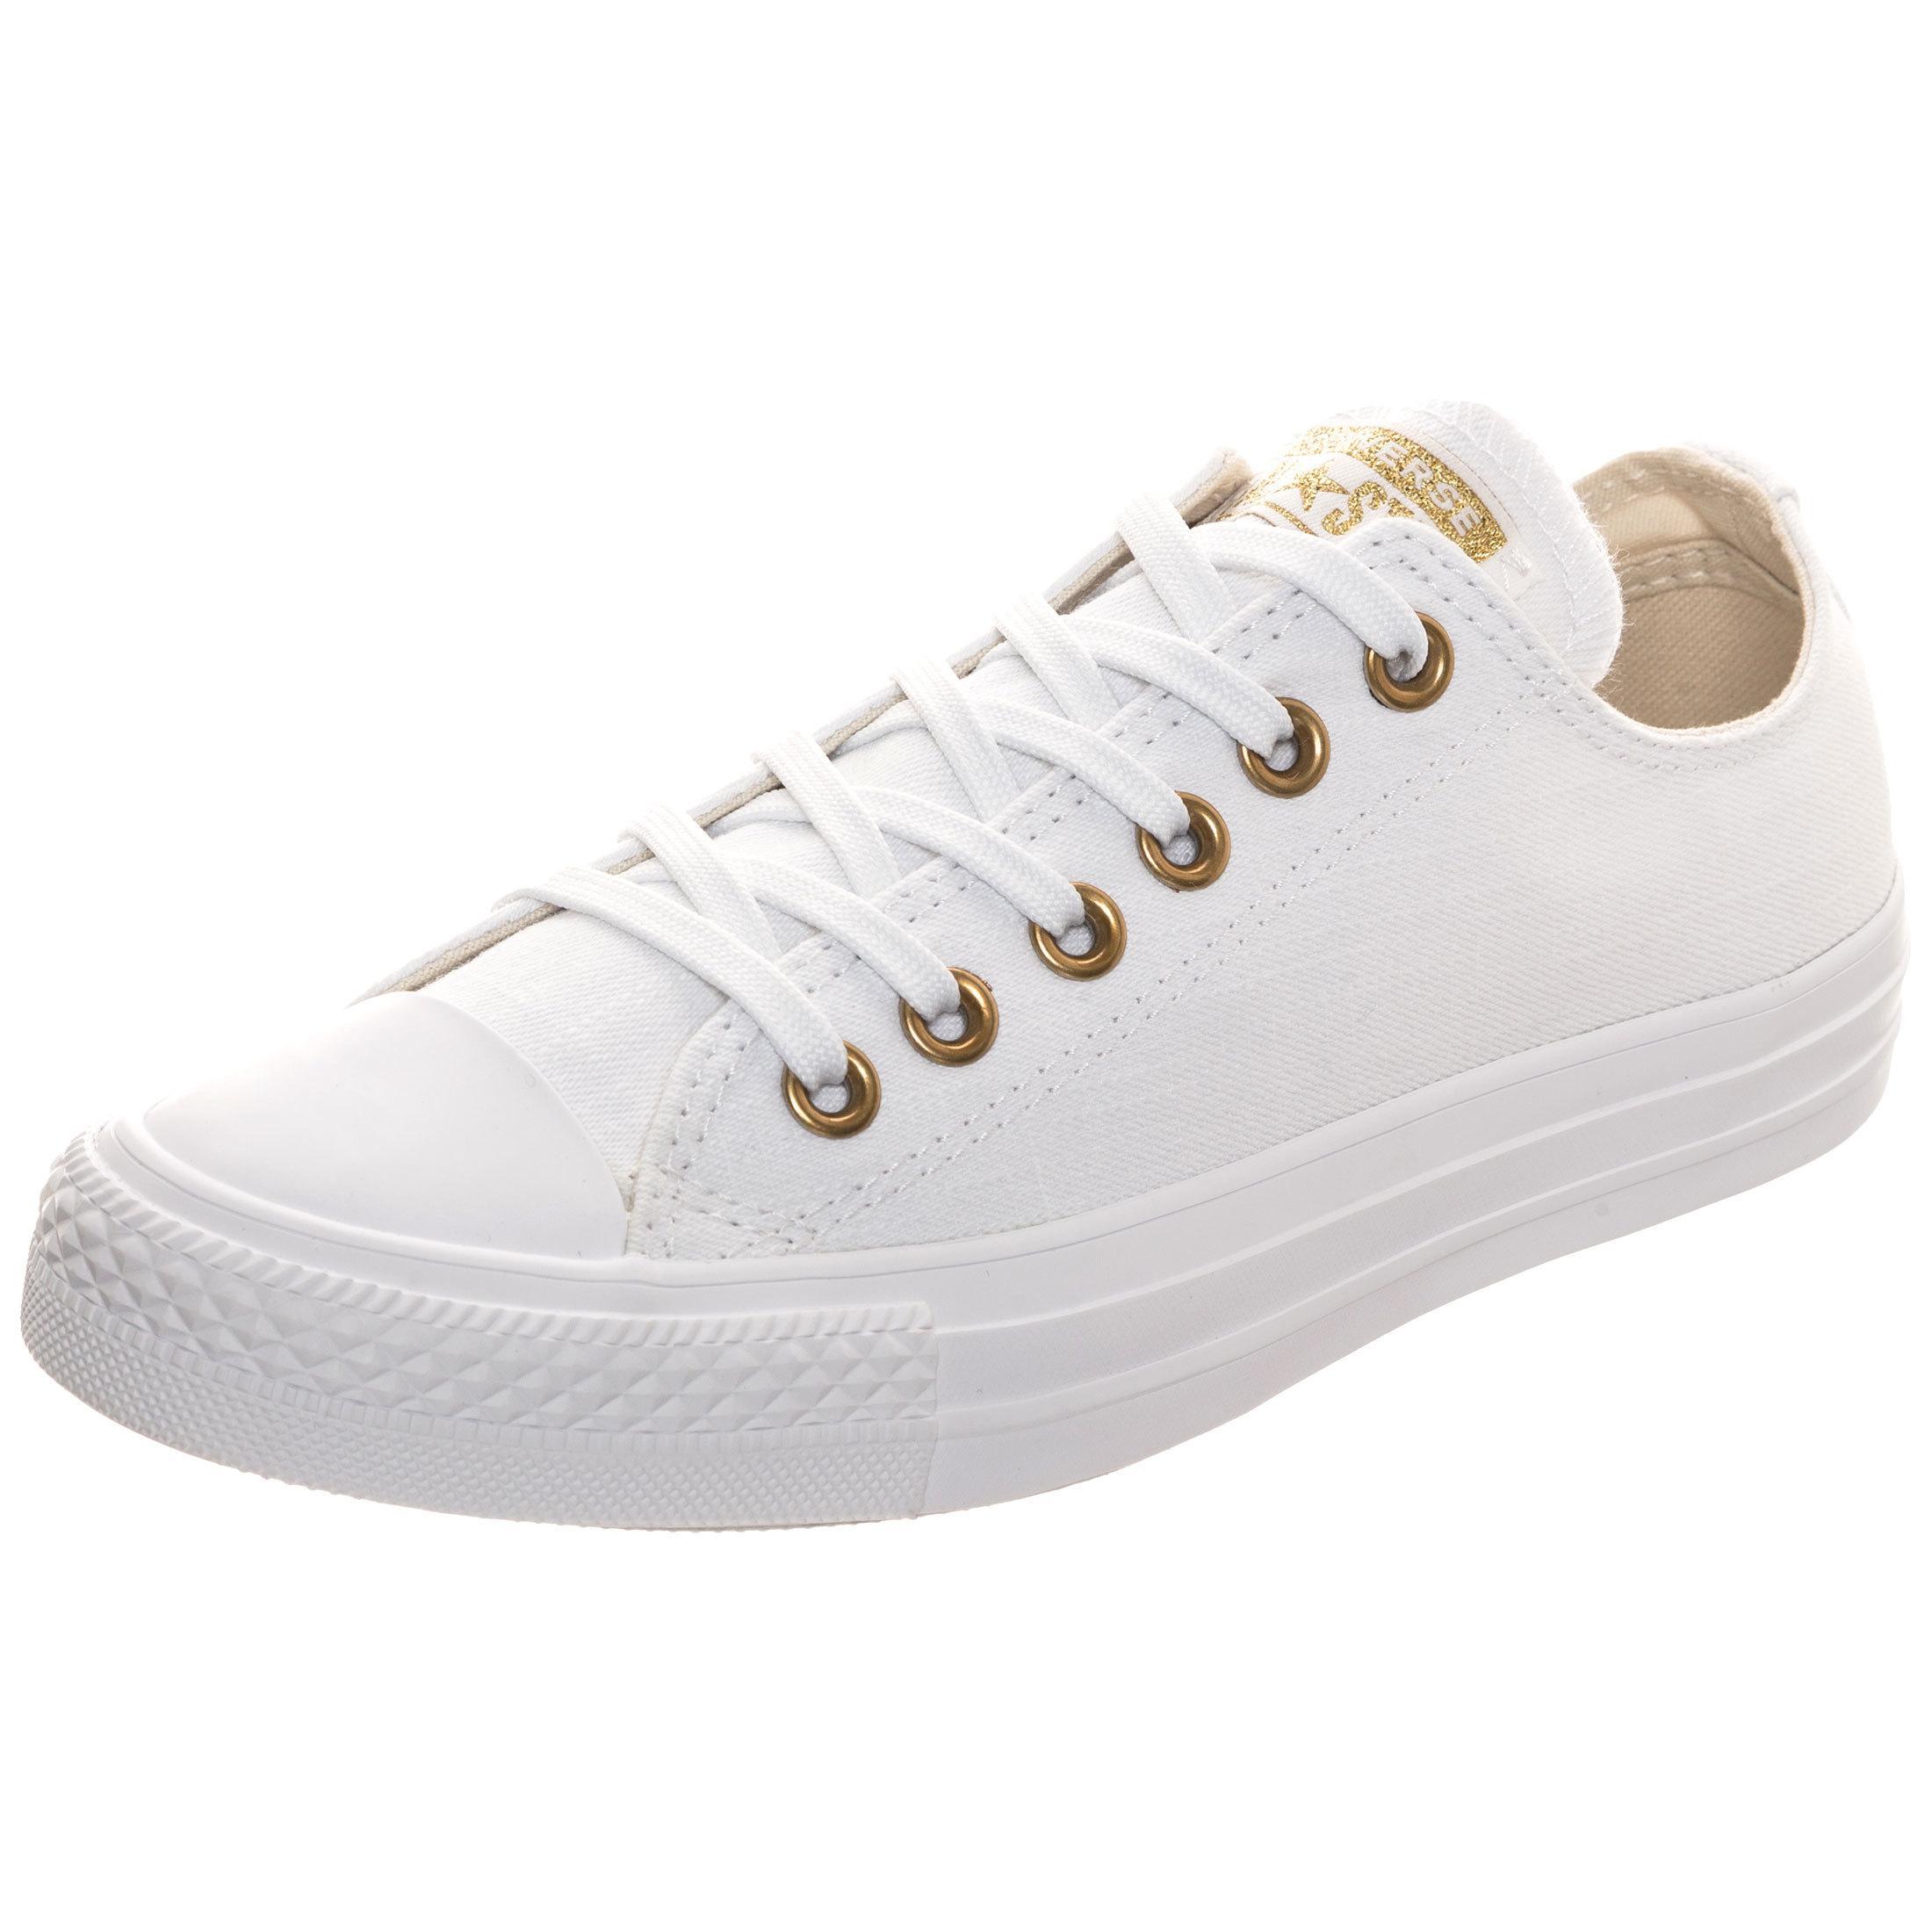 CONVERSE Chuck Taylor All Star Sneaker Damen weiß / gold im Online Shop von SportScheck kaufen